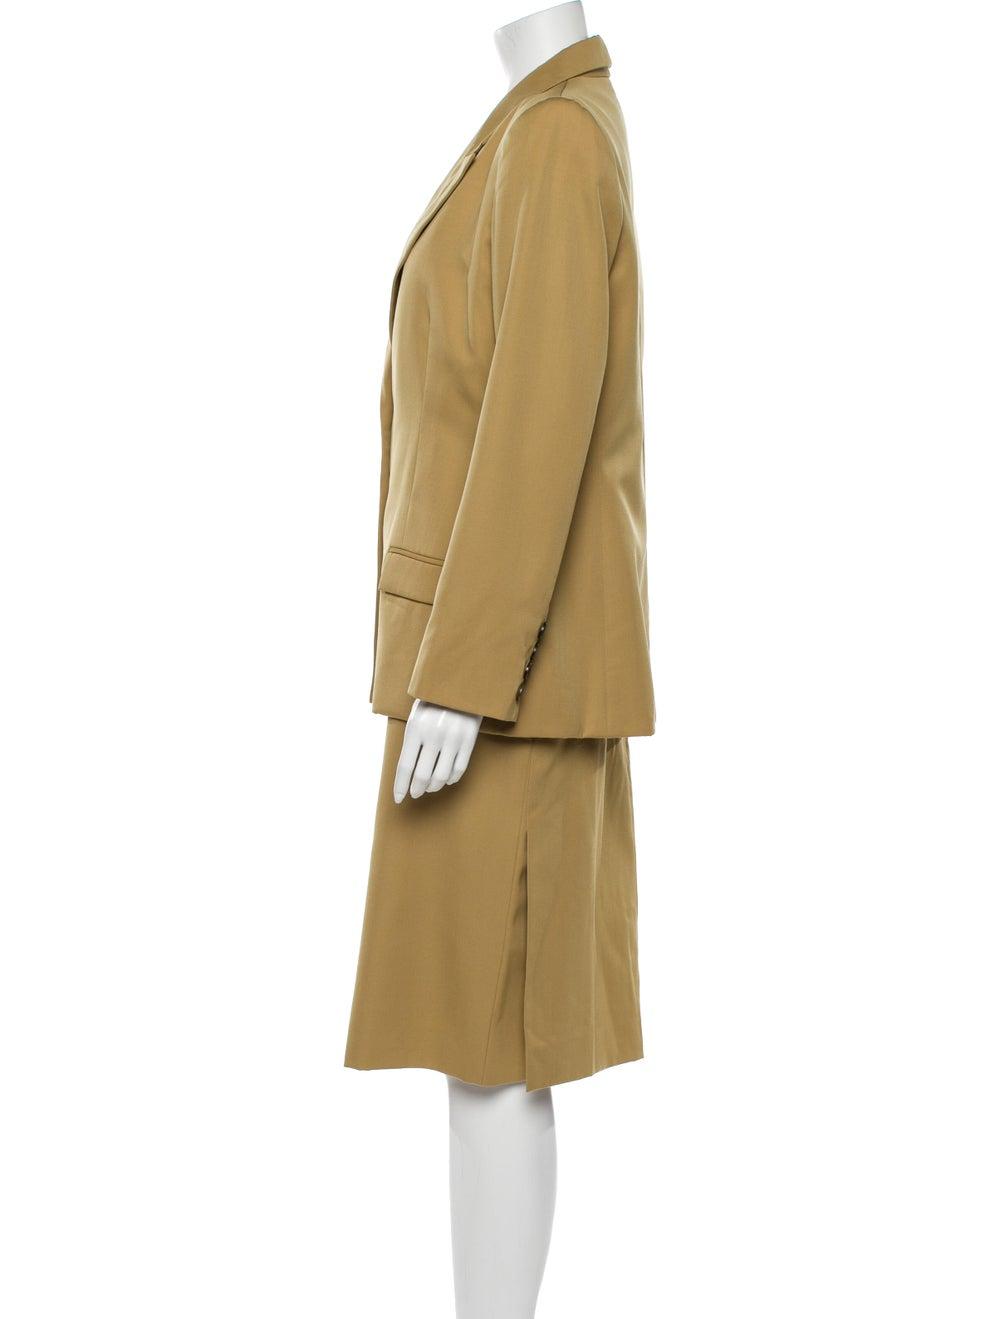 Yves Saint Laurent Rive Gauche Skirt Suit - image 2